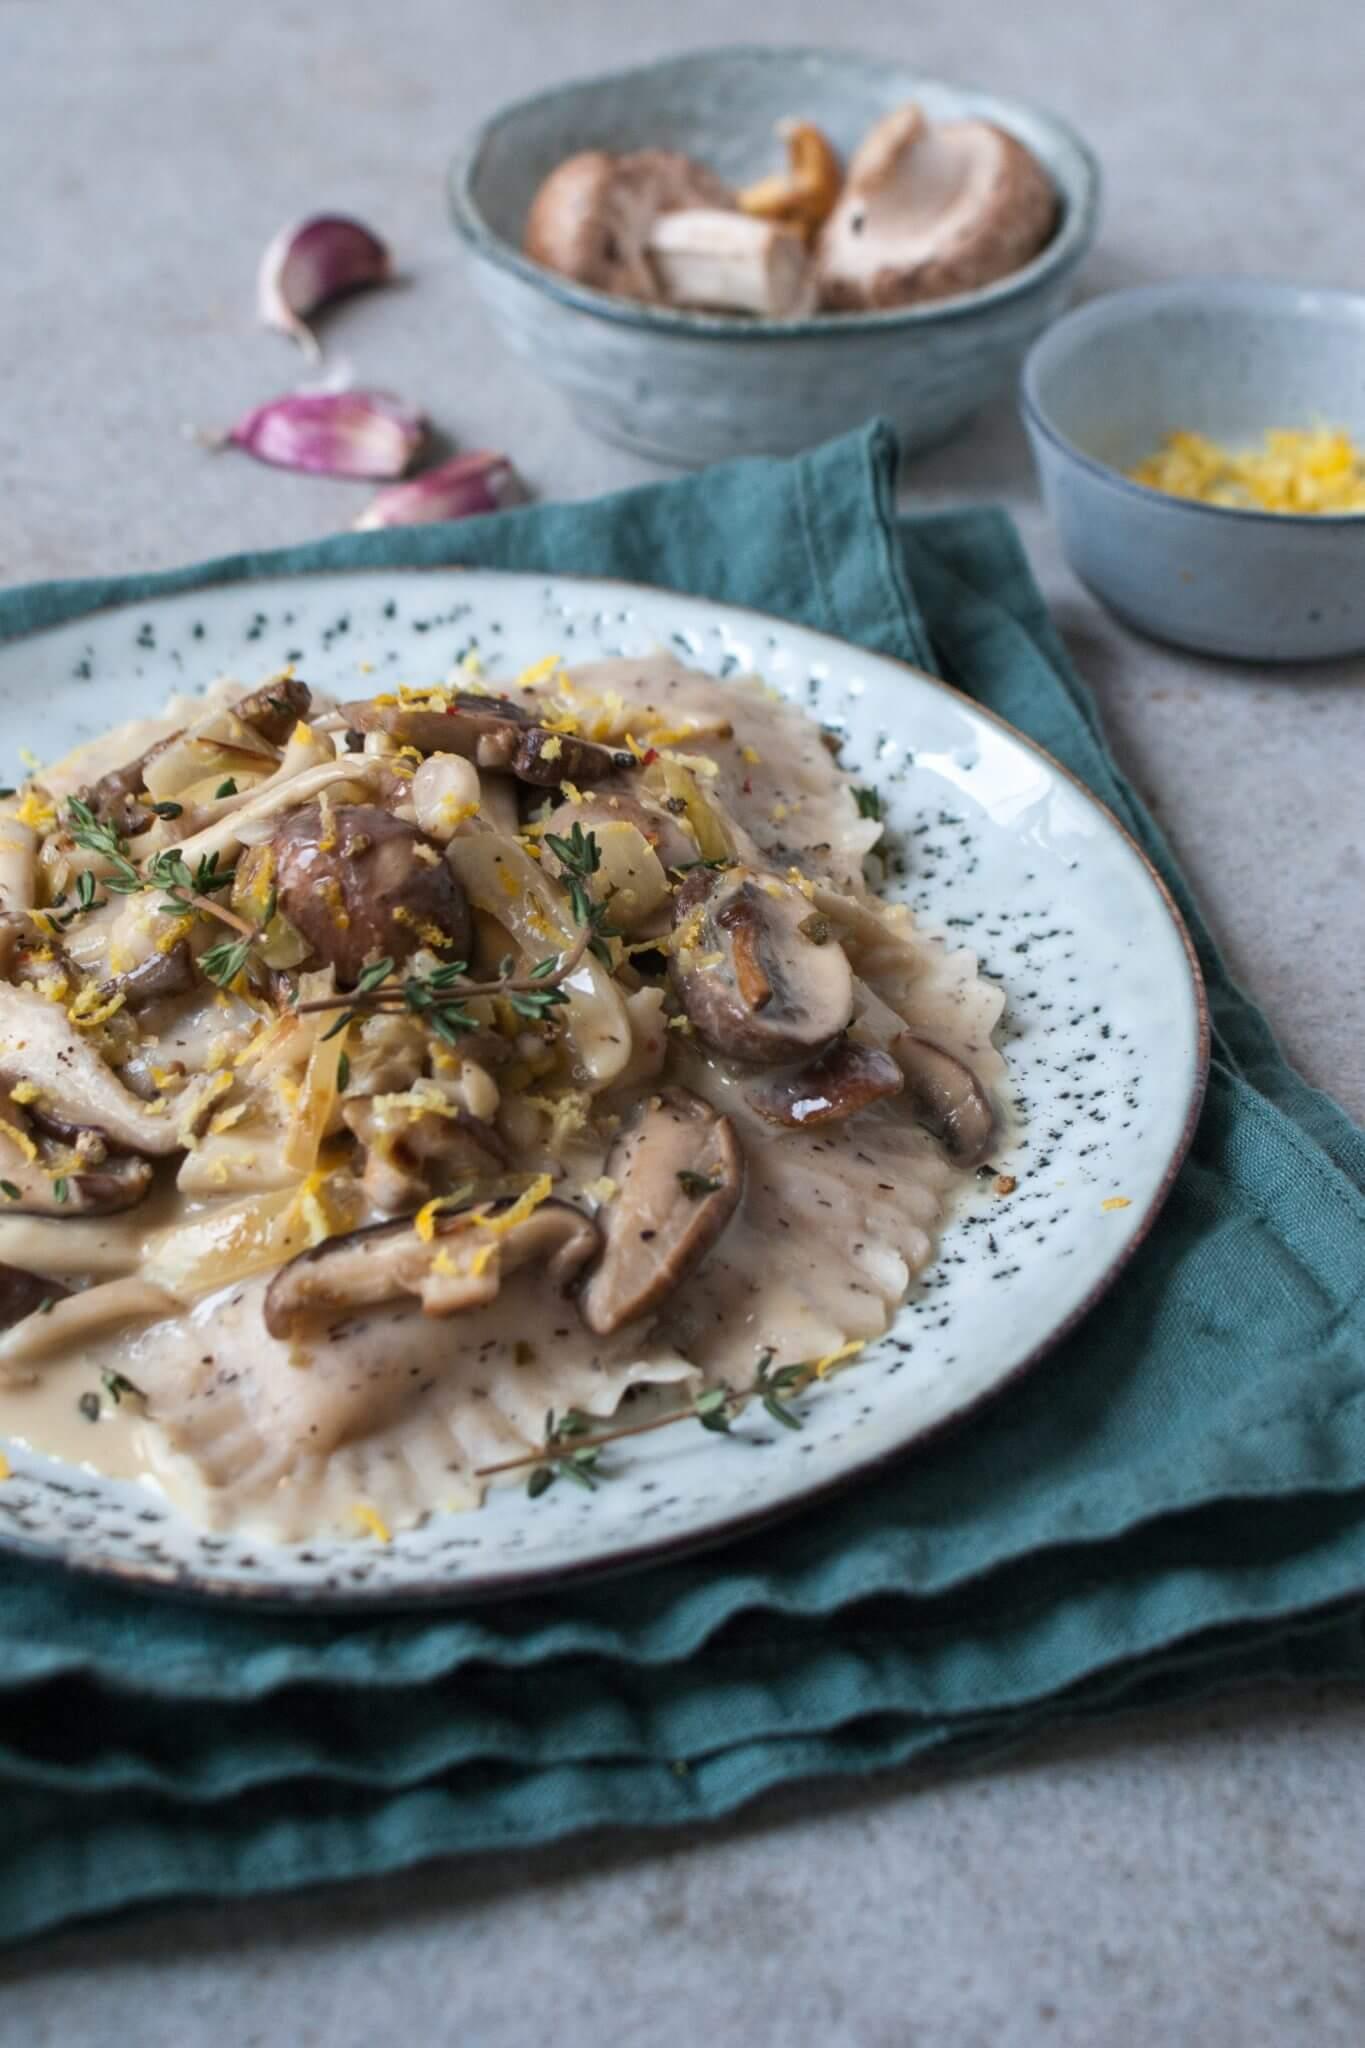 mezzelune-in-paddenstoelenroomsaus